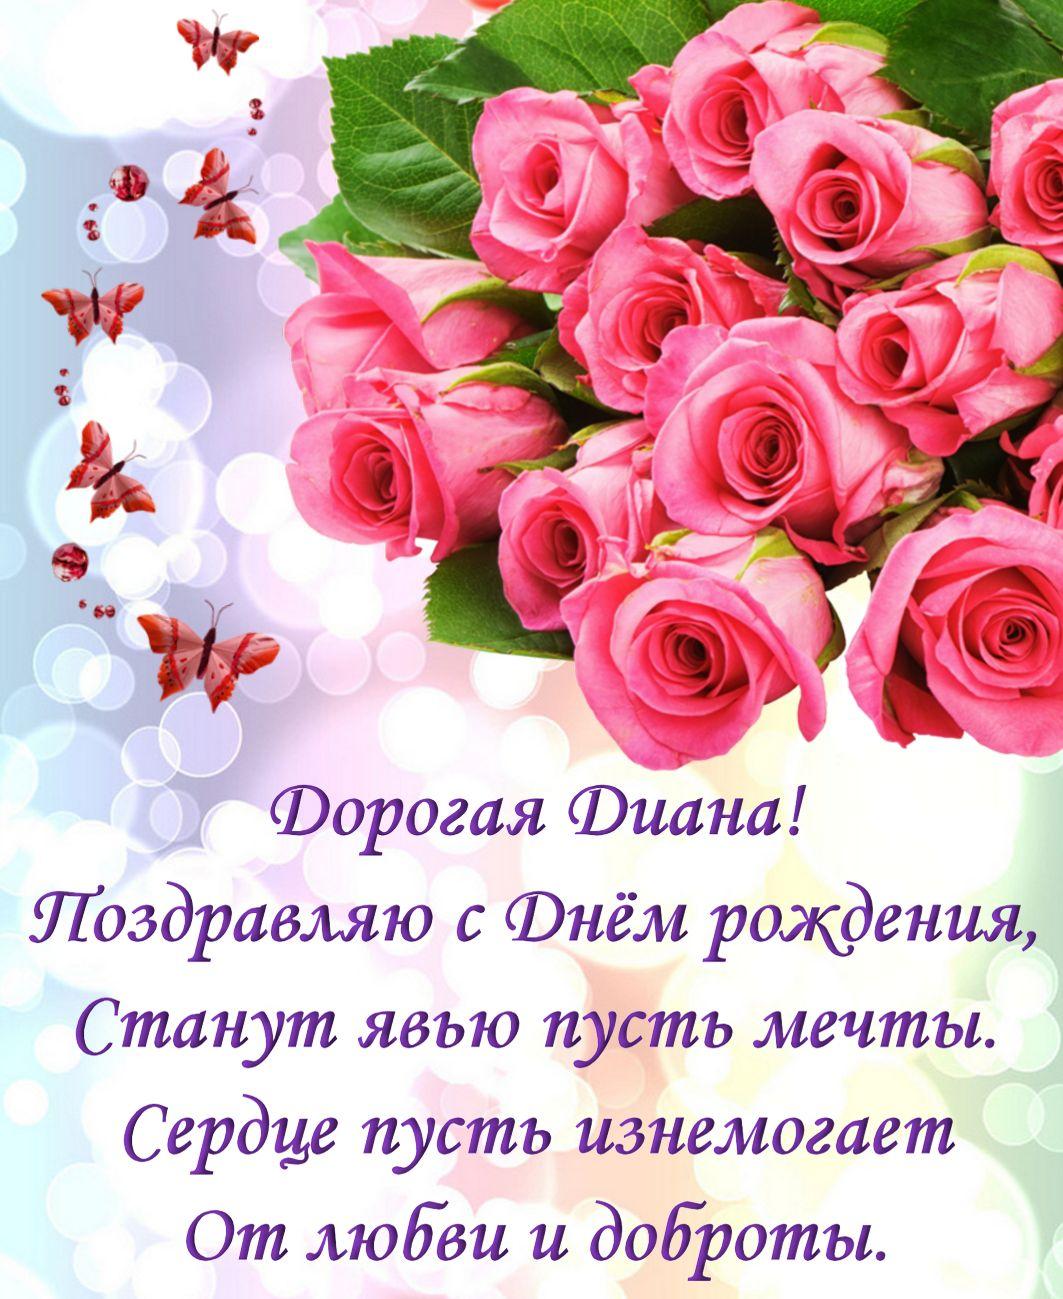 Поздравление для дианы с днем рождения 91